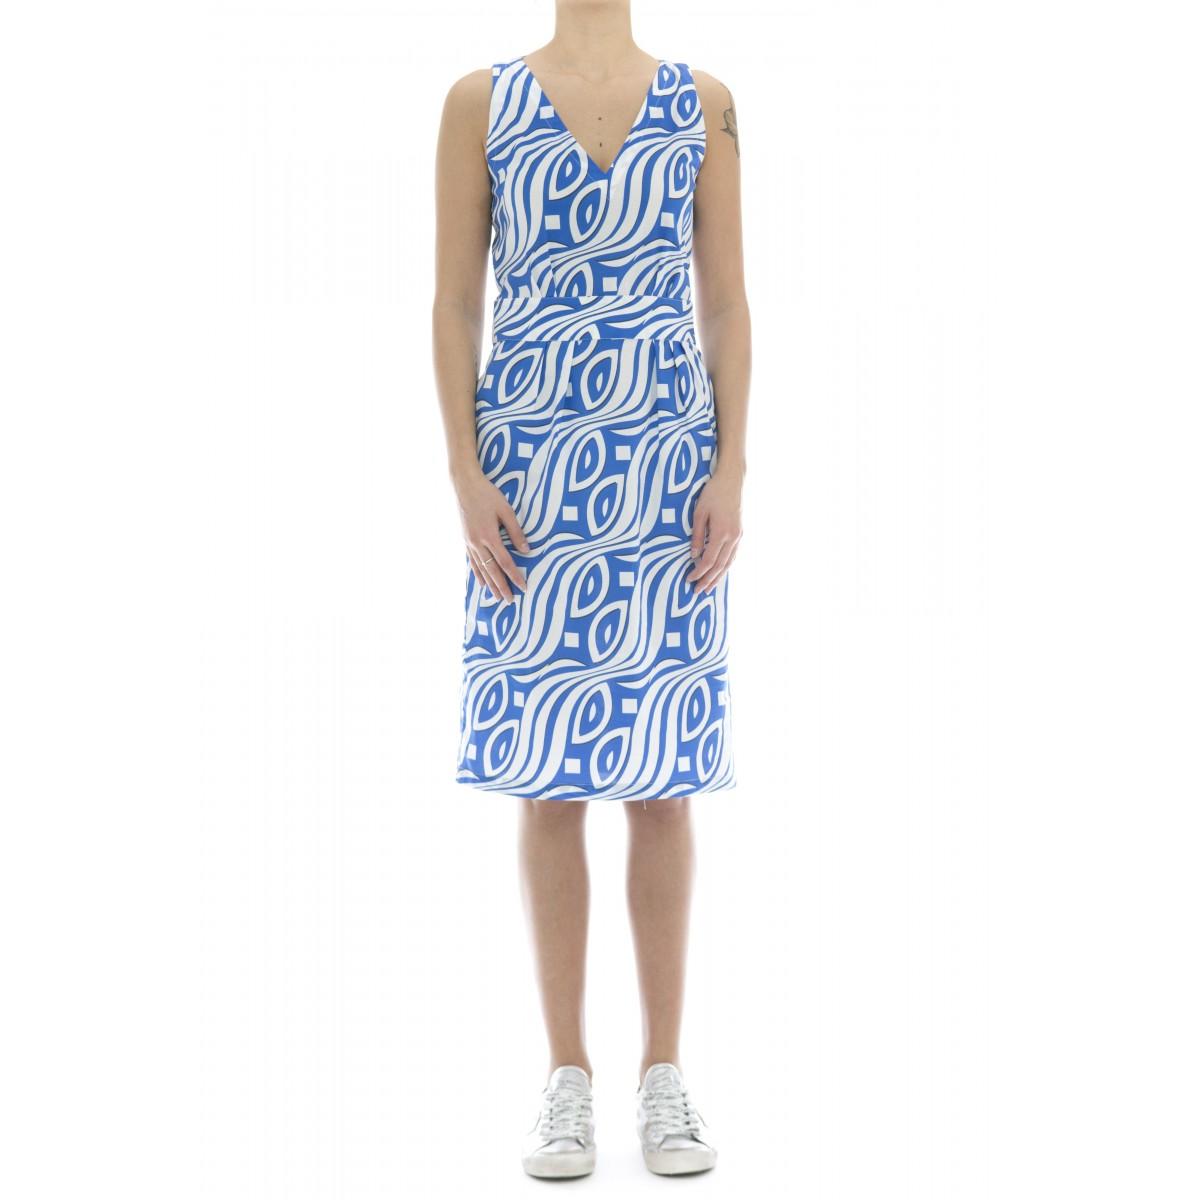 Vestito - 131 t29 vestito tubino s/m stampa